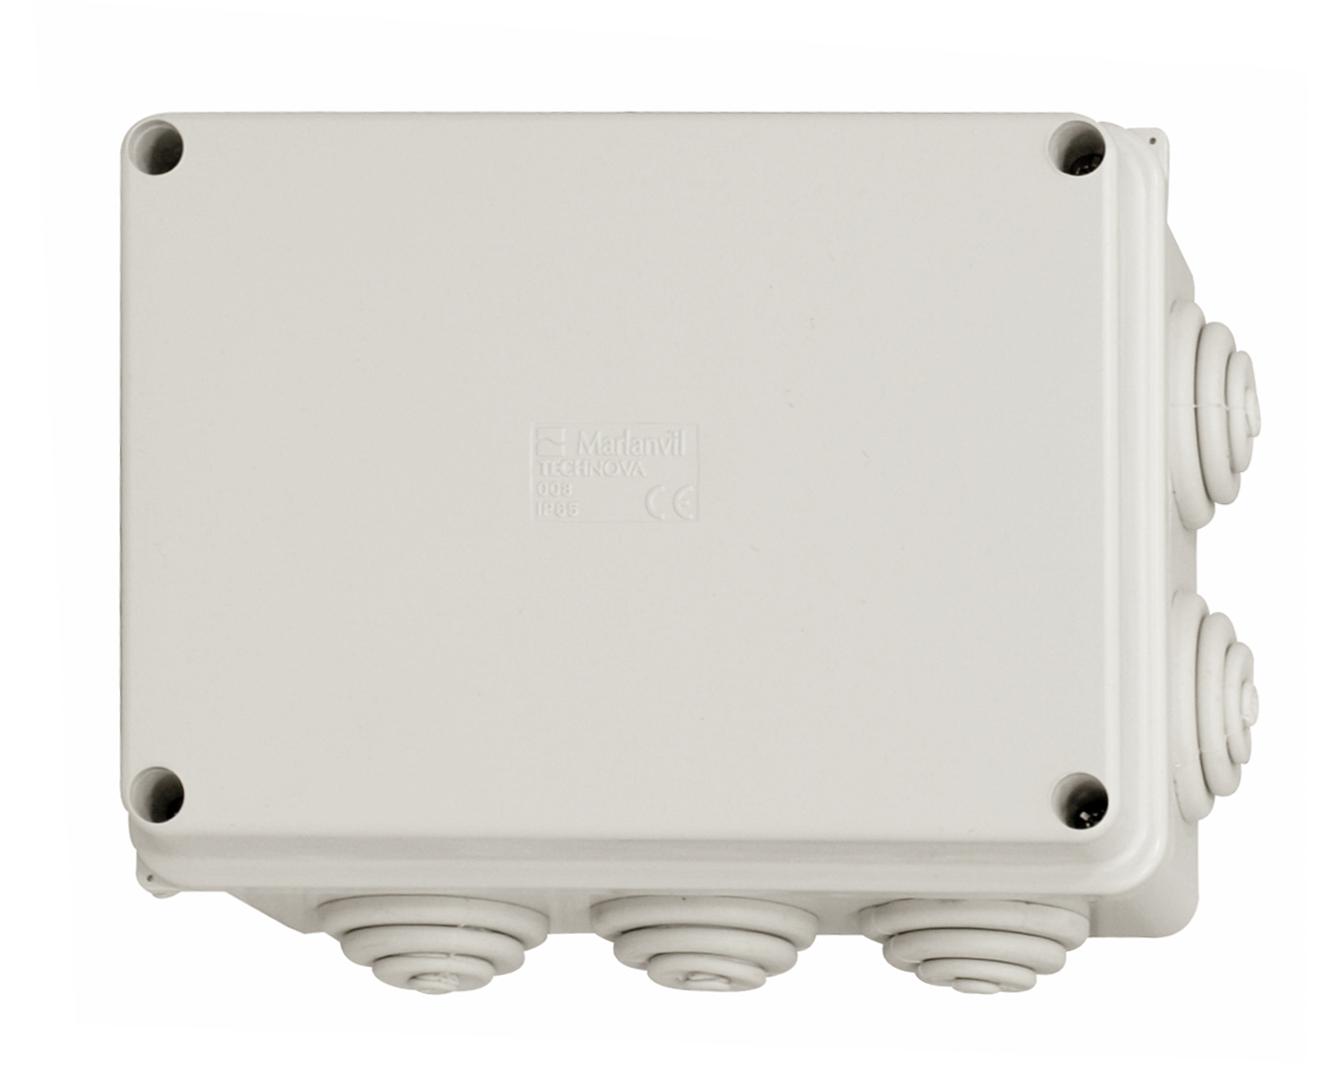 1 Stk Abzweigdose 130x 80x56,5mm, IP65 IG311275--